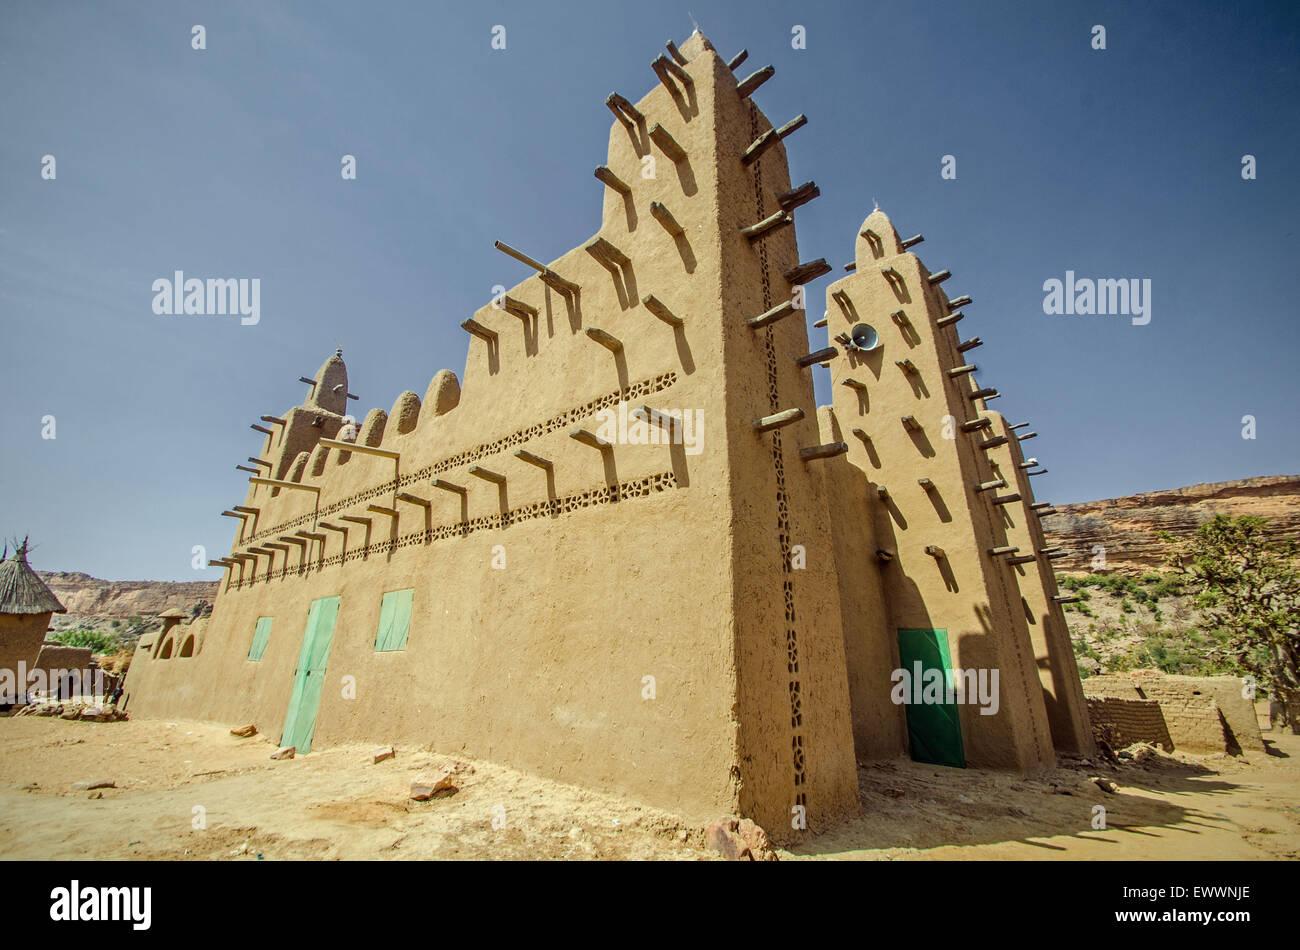 Moschee im Dogonland, Mali Stockbild